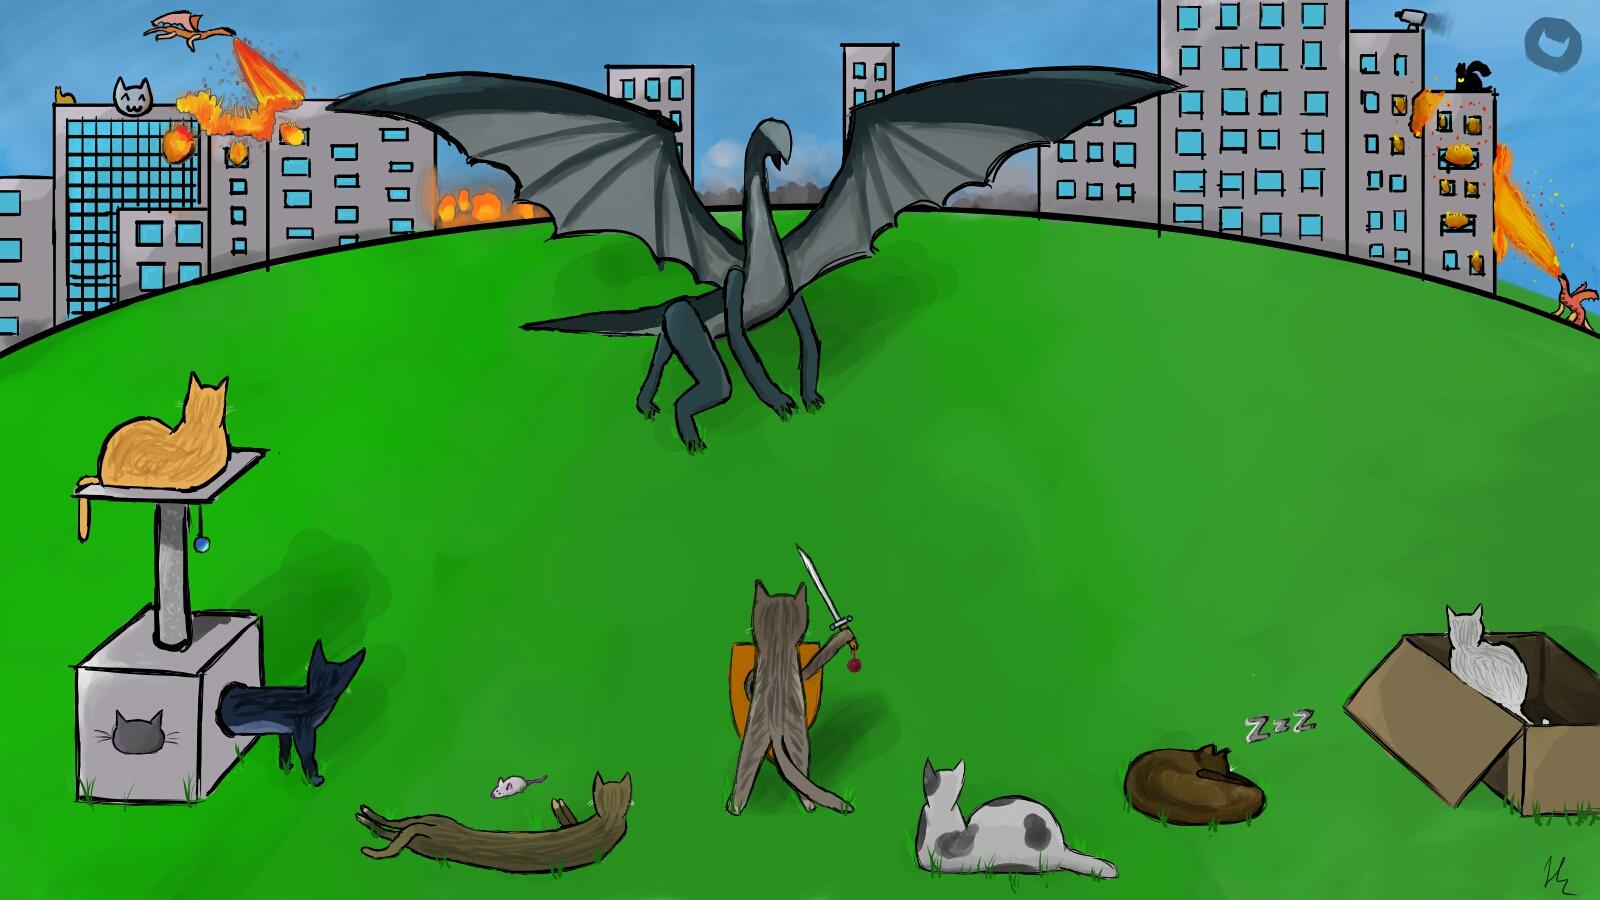 Kittens Vs Dragons